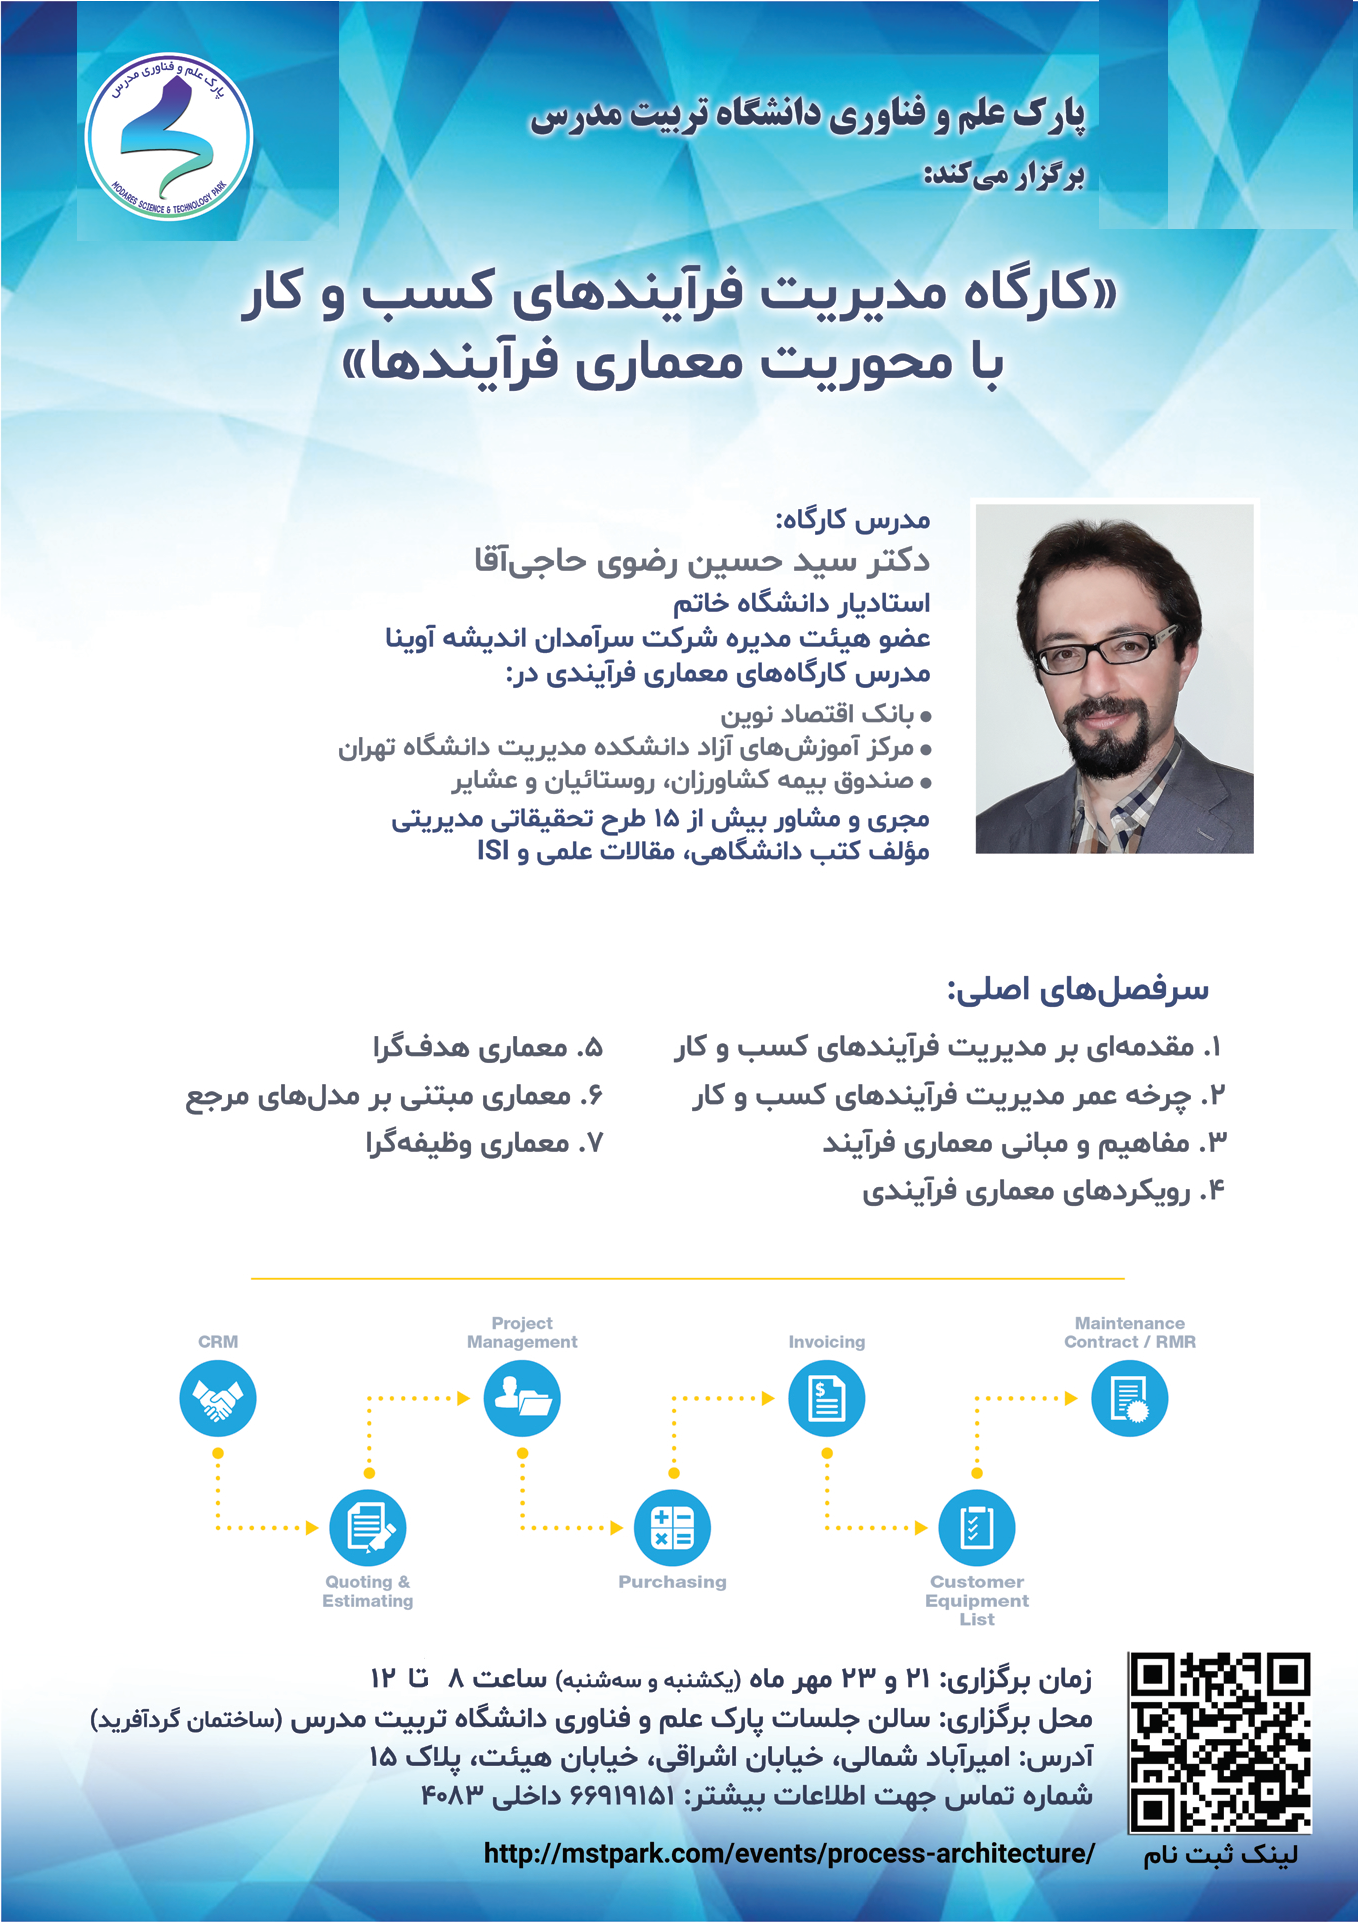 کارگاه آموزشی مدیریت فرایندهای کسبوکار